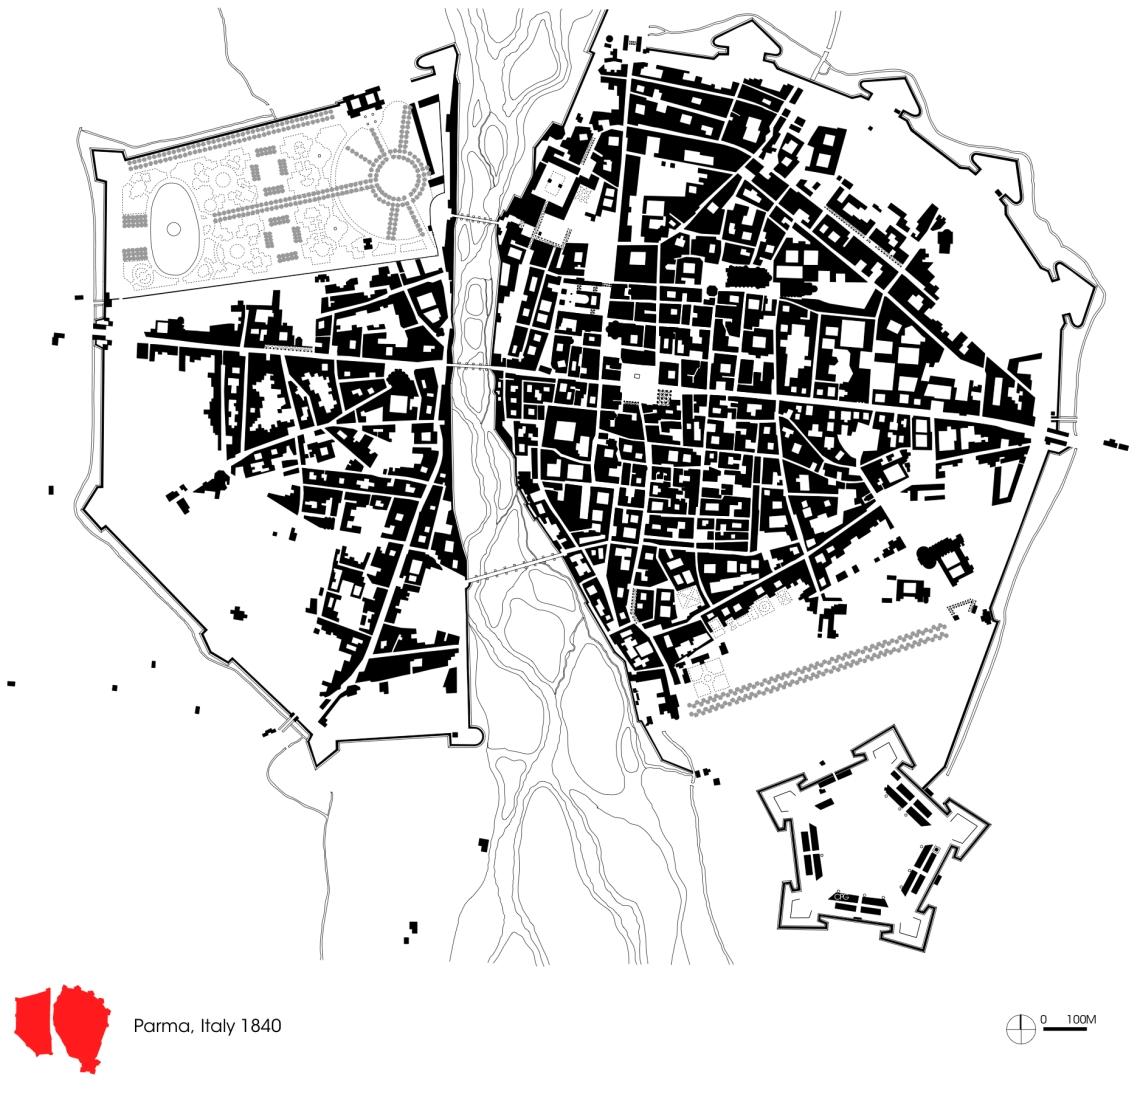 Parma_IT_1840